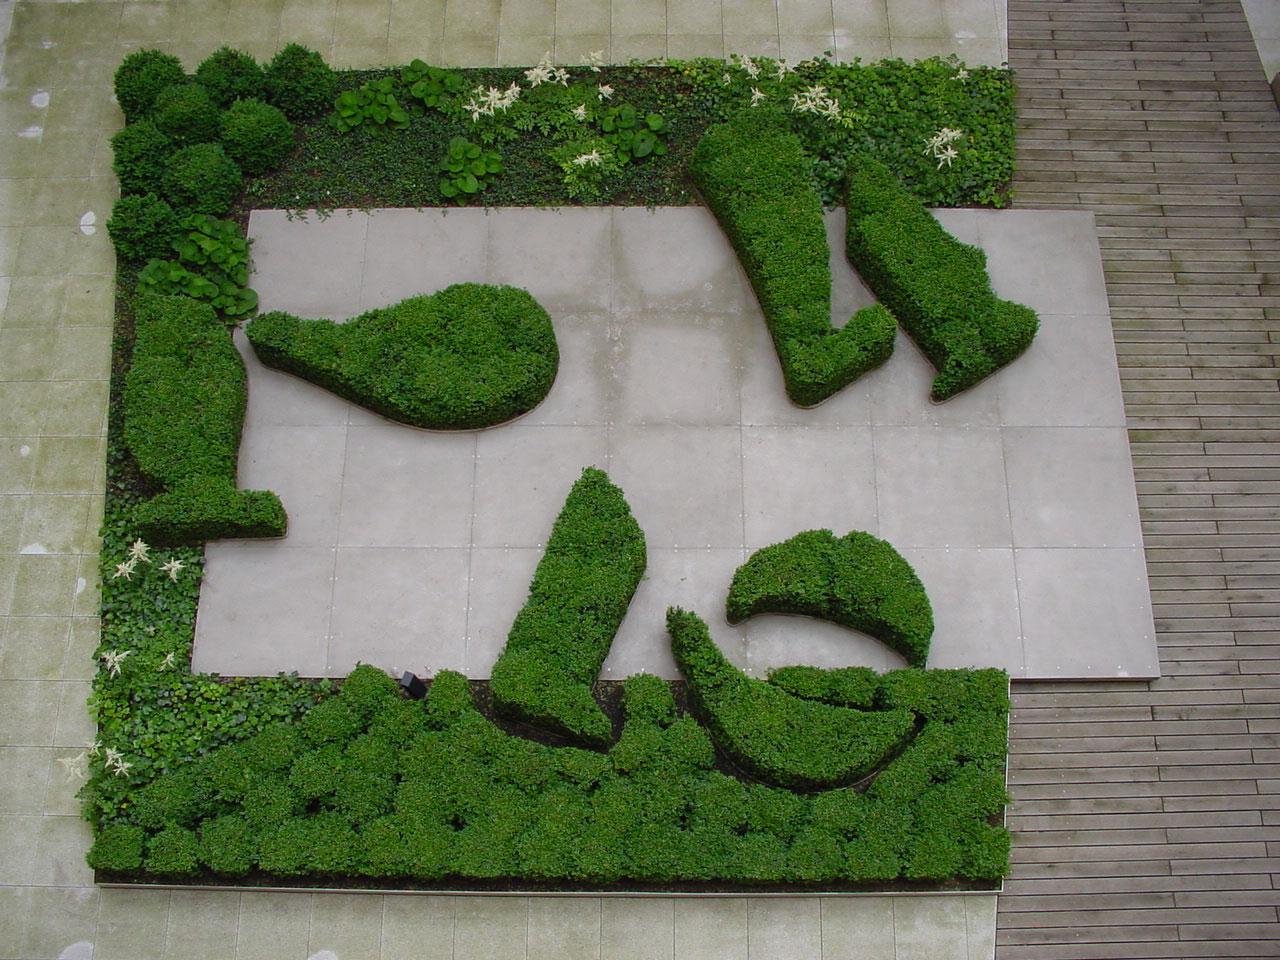 Garten landschaftsarchitekt architekten berlin deutschland tel 03025358 - Gartenberatung berlin ...